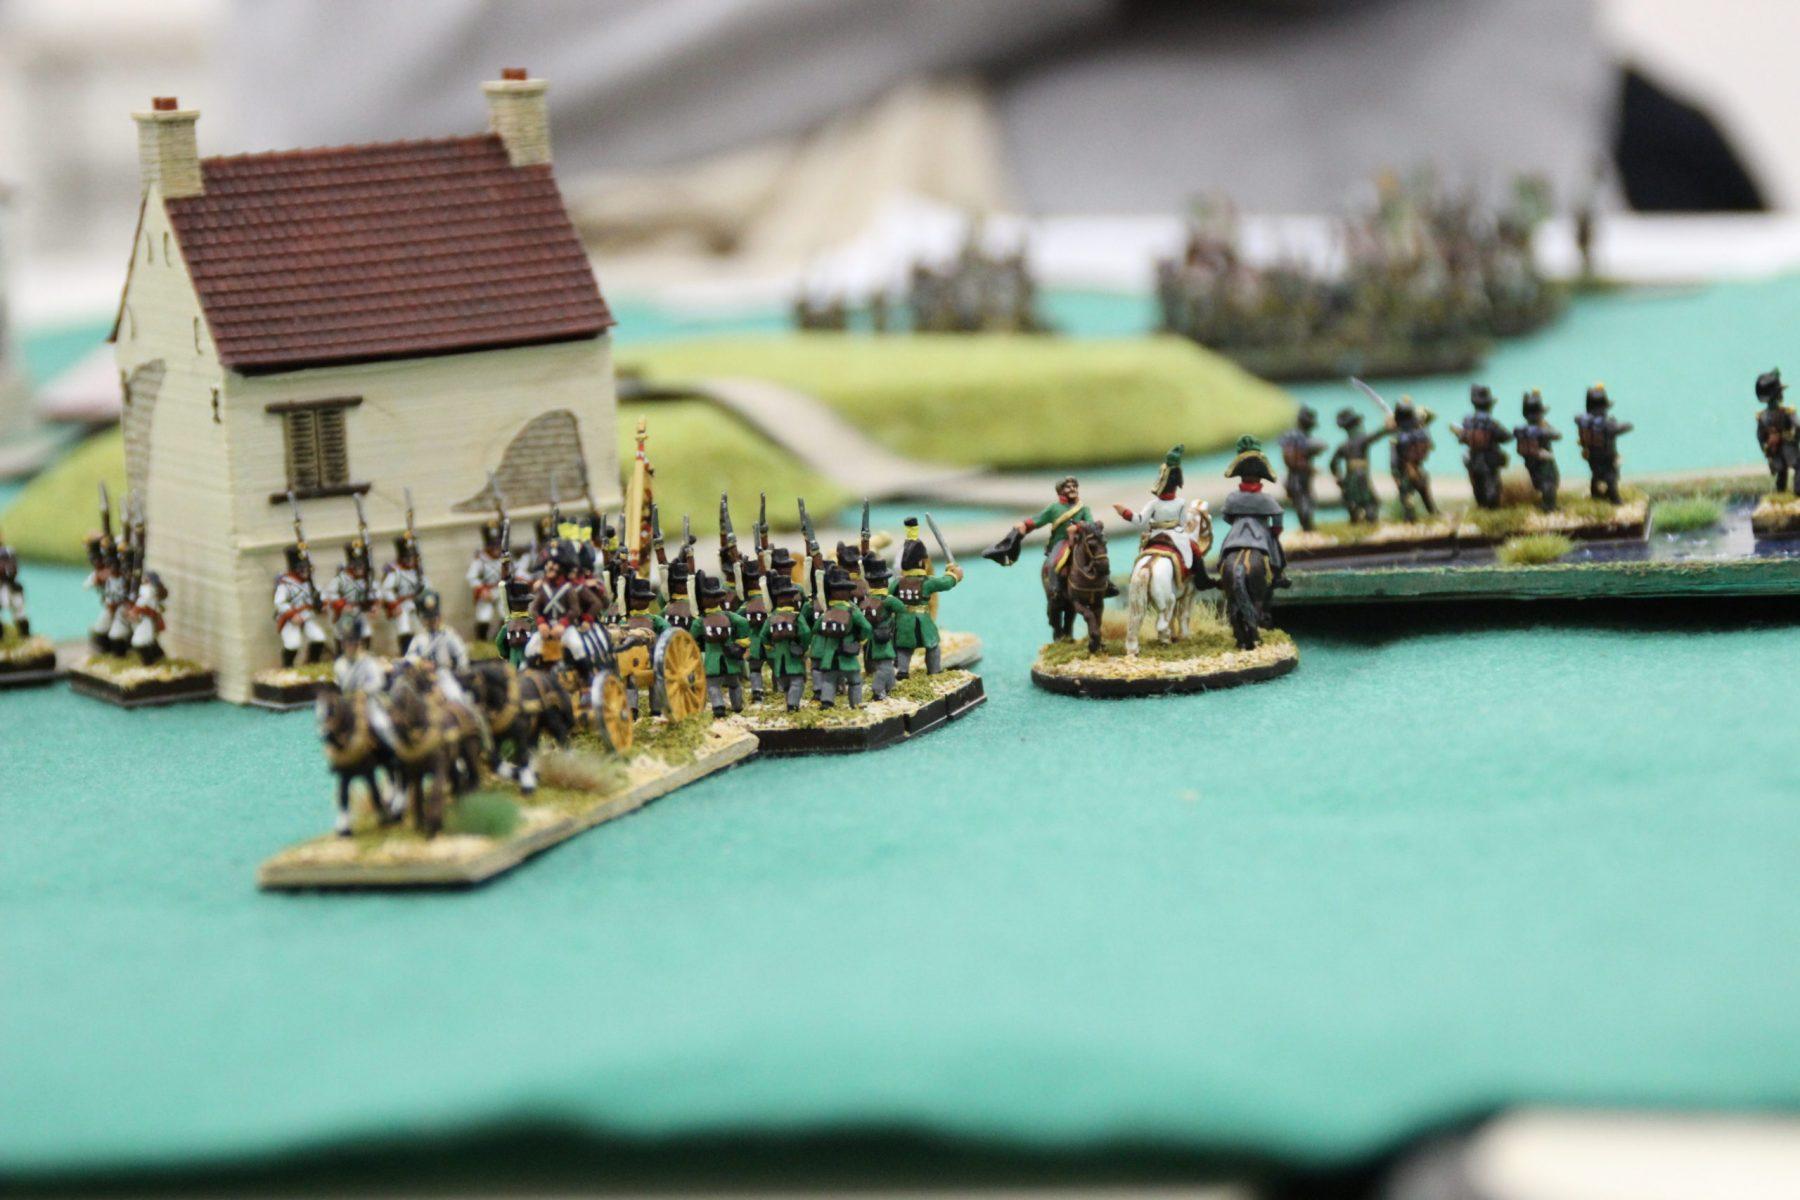 Le général Autrichien contemple le calme avant la tempête...